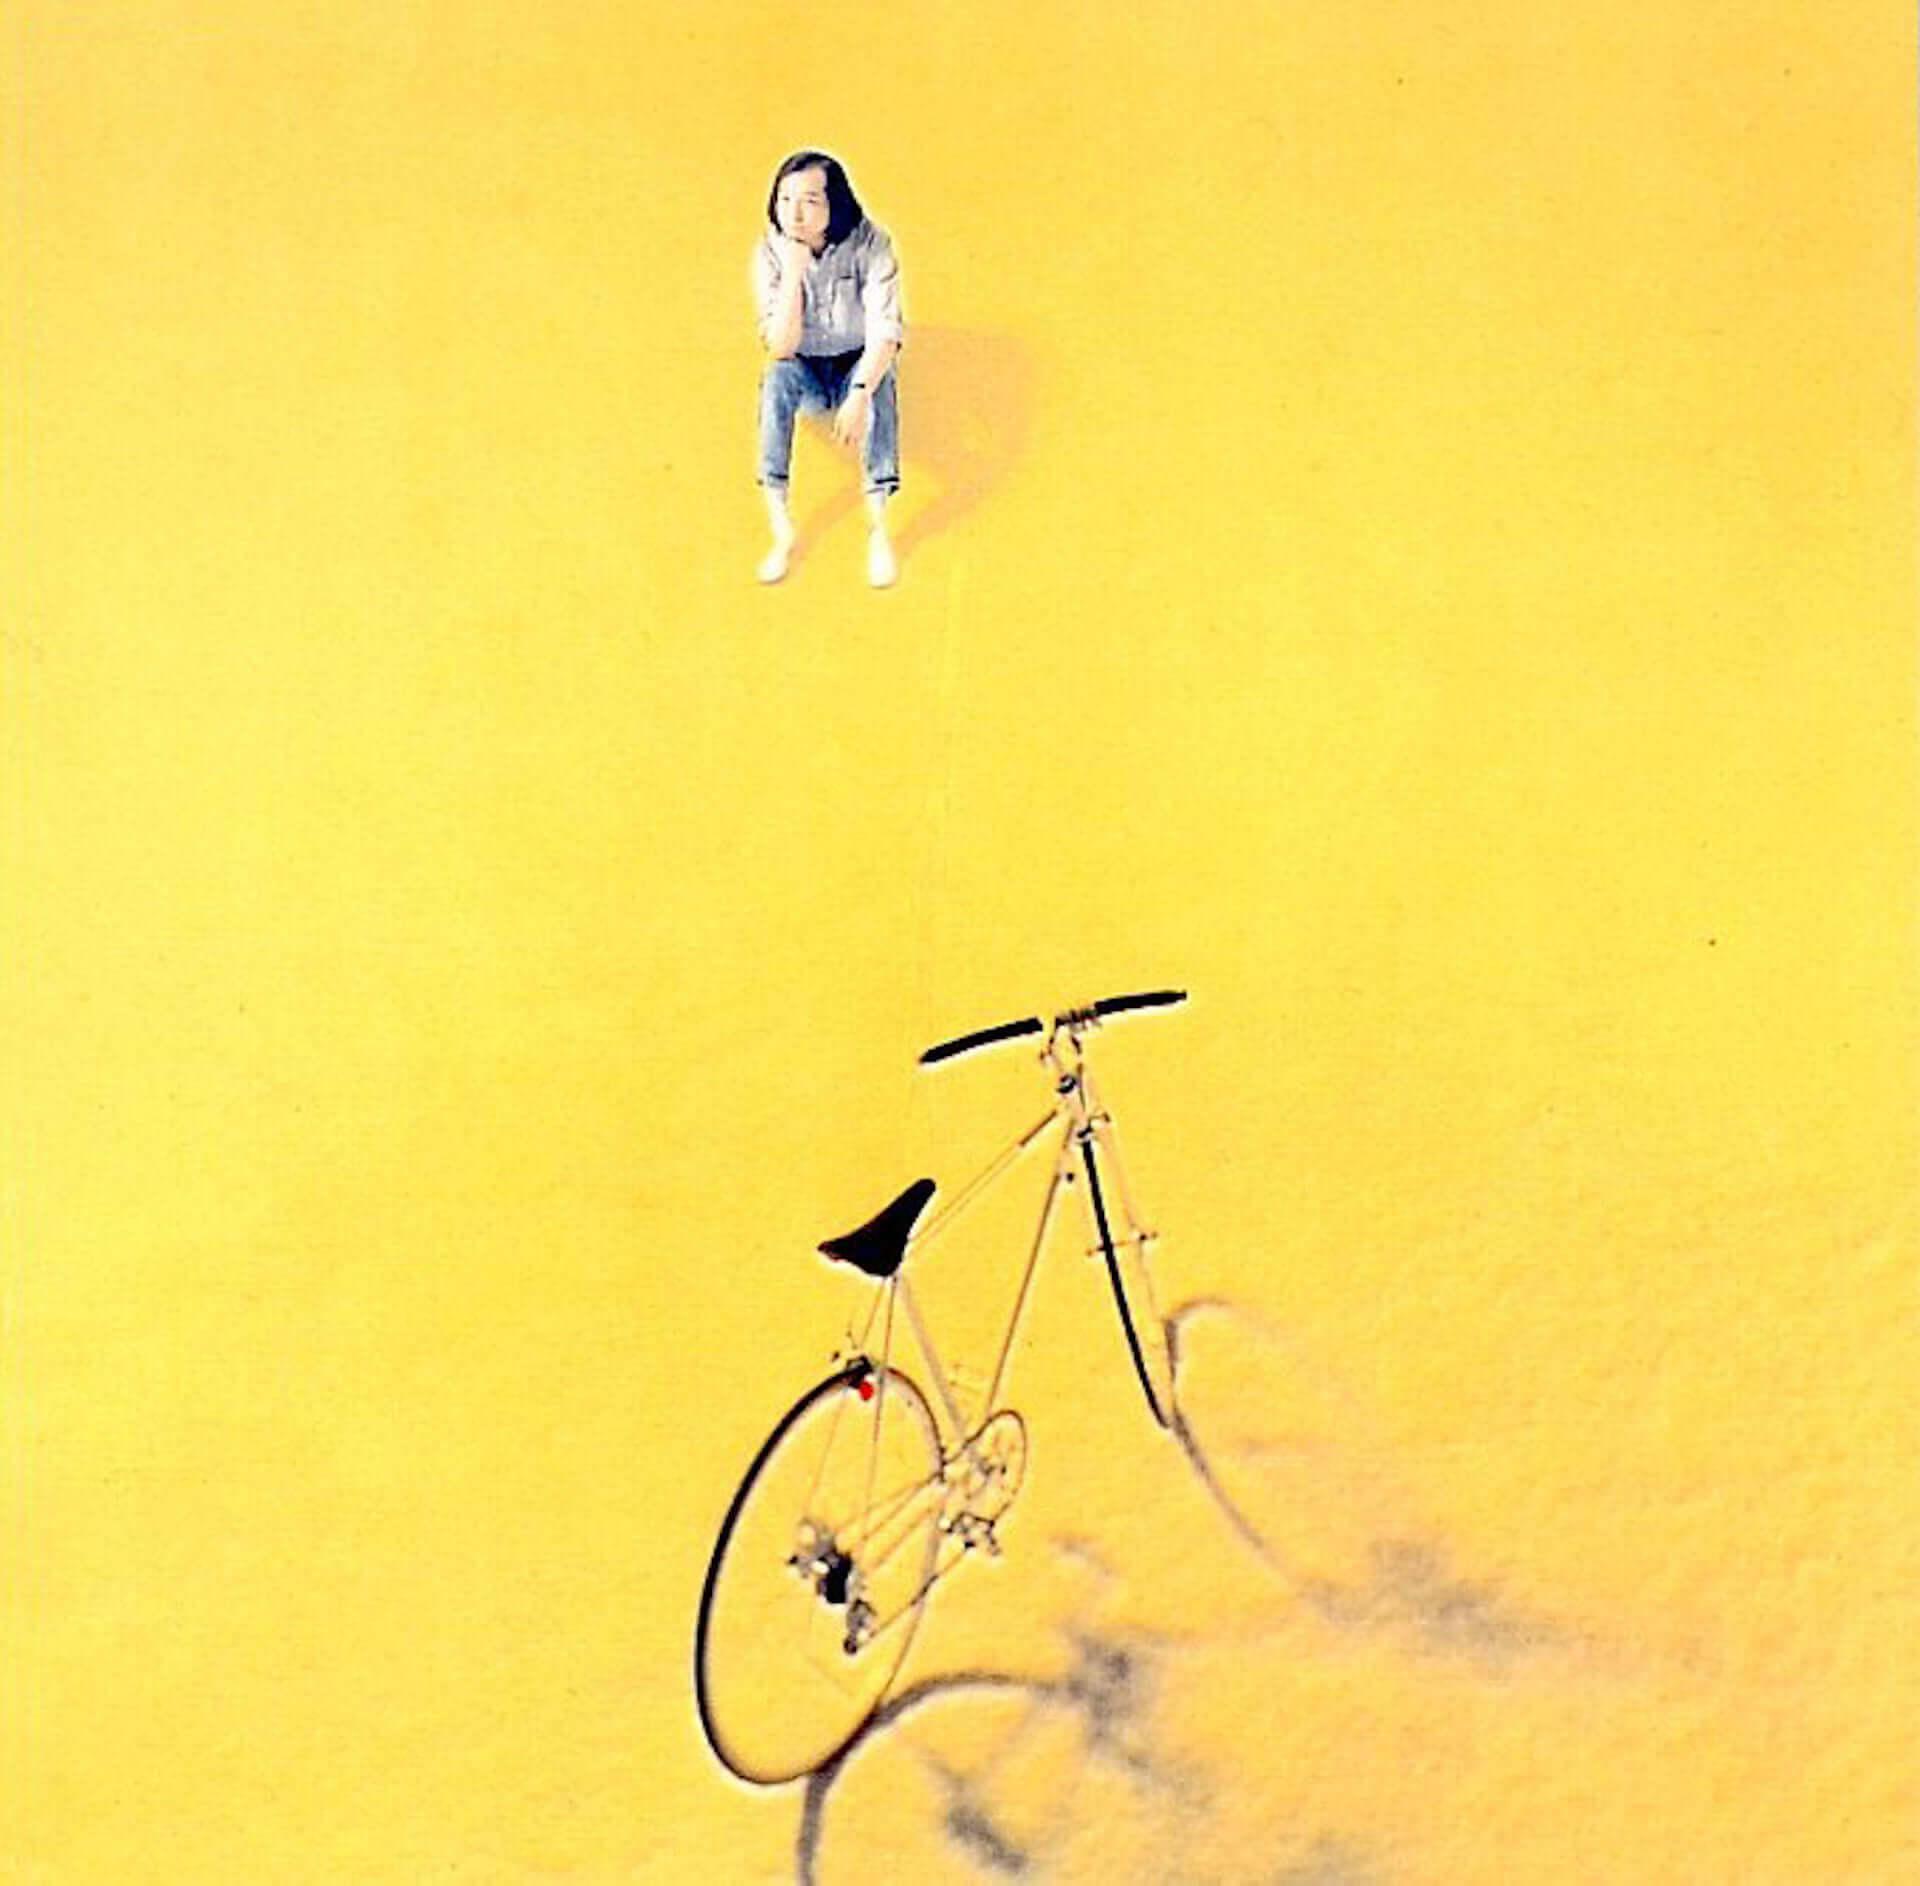 山下達郎の名作『POCKET MUSIC』『僕の中の少年』最新リマスター盤のボーナストラックが発表!シングル曲の復刻7インチが当たるキャンペーンも music201026_tatsuro-yamashita_2-1920x1886